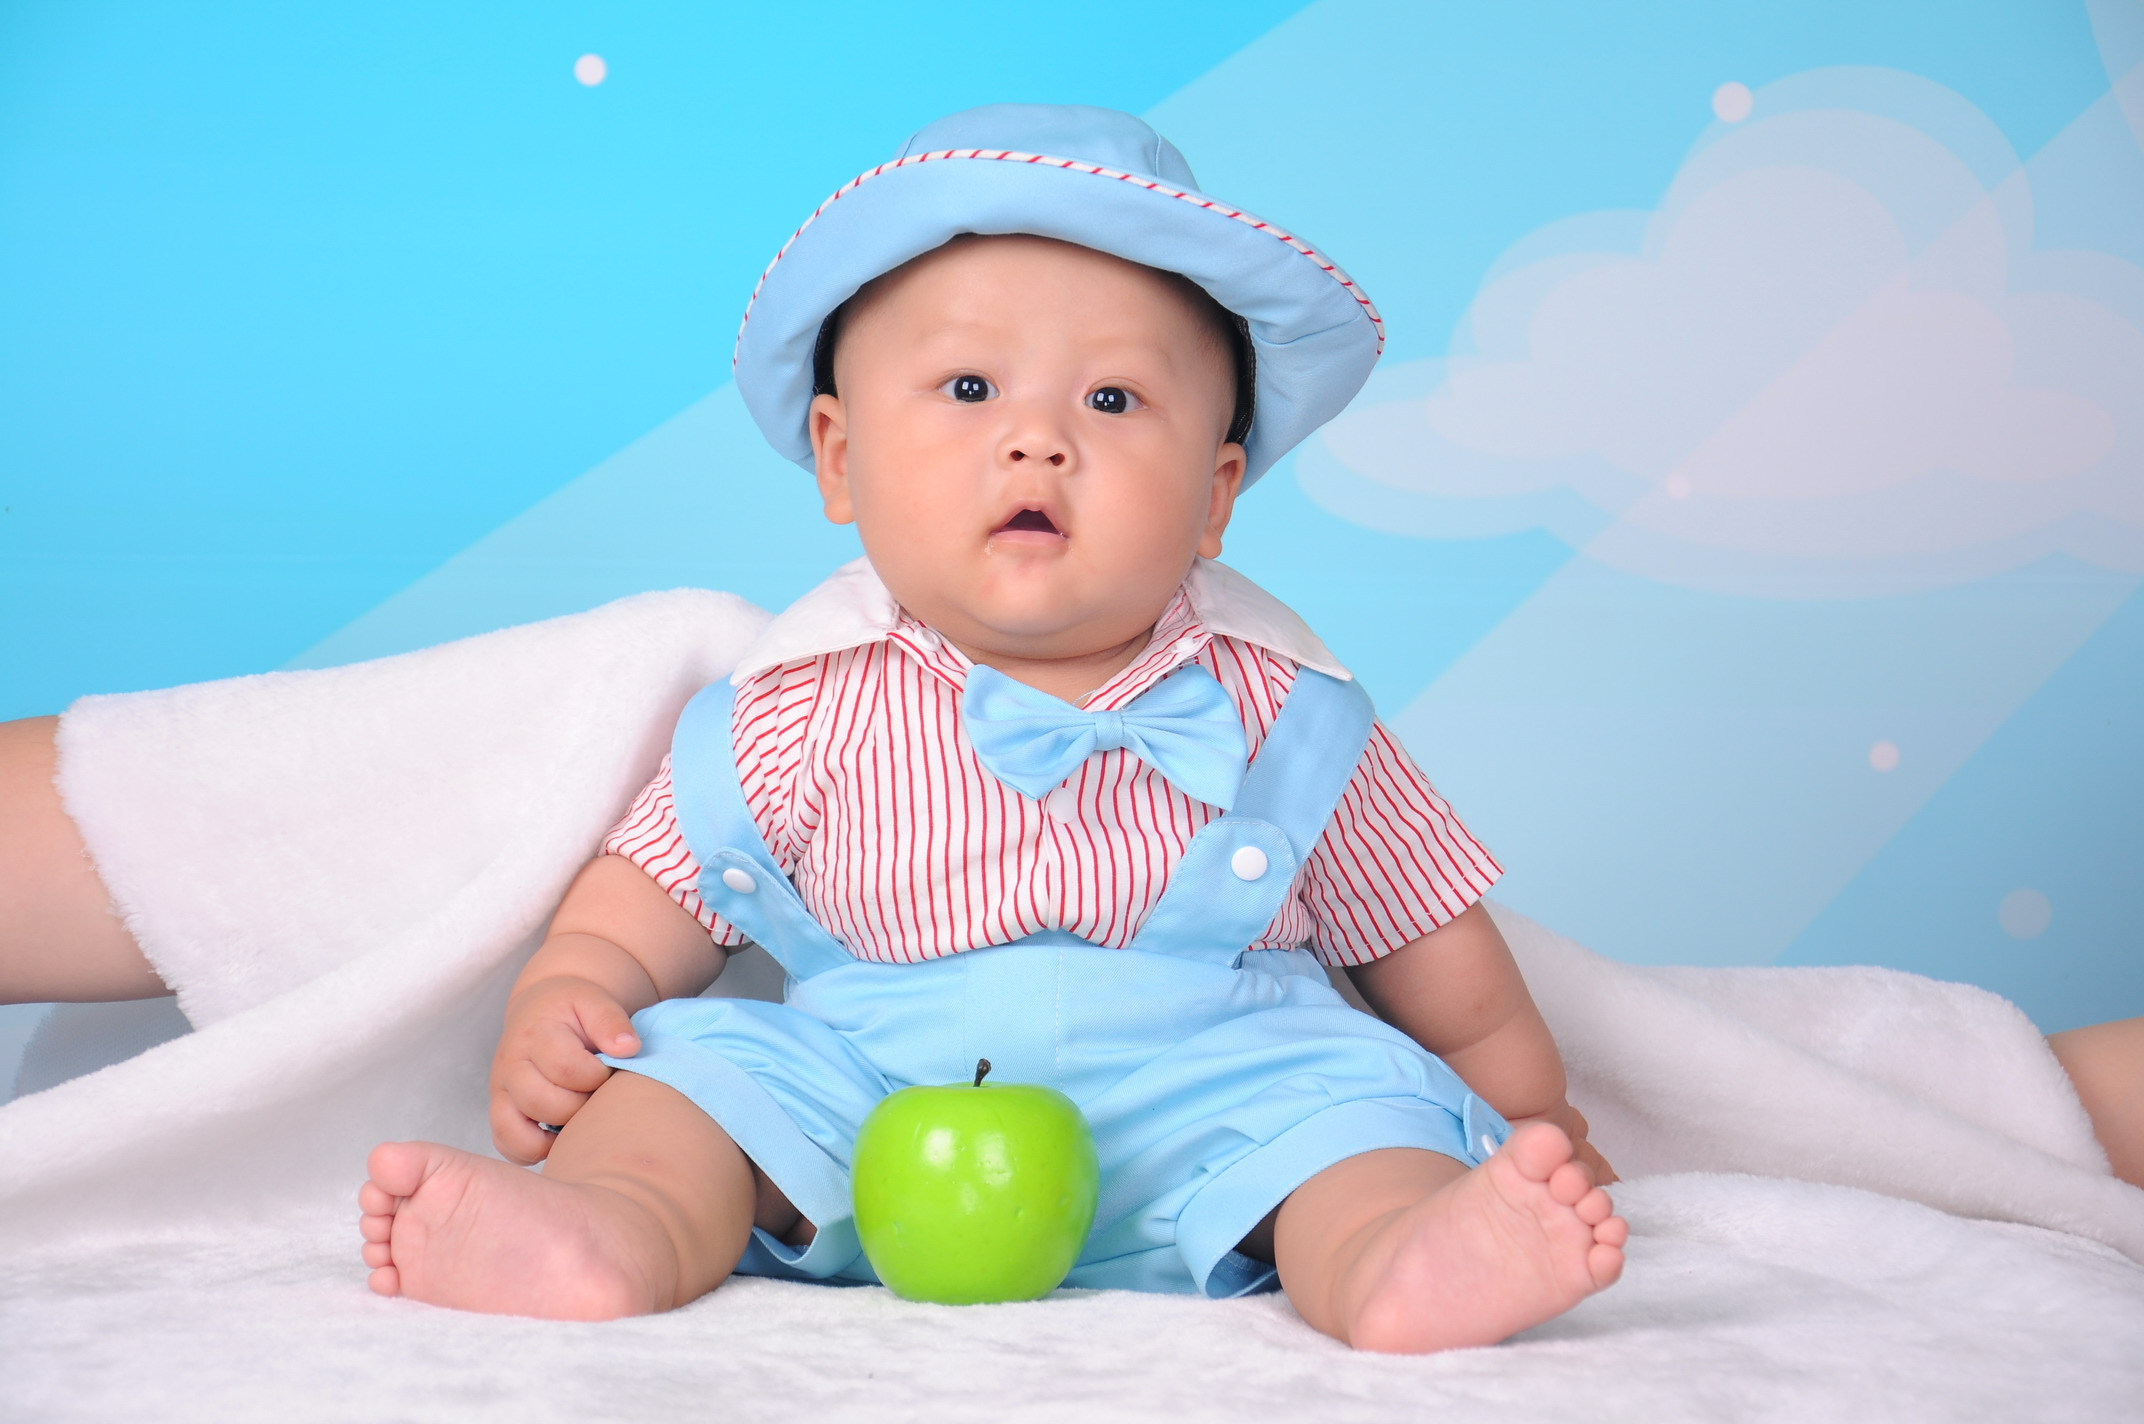 附宝宝可爱图,即将周岁宝宝摄影支招